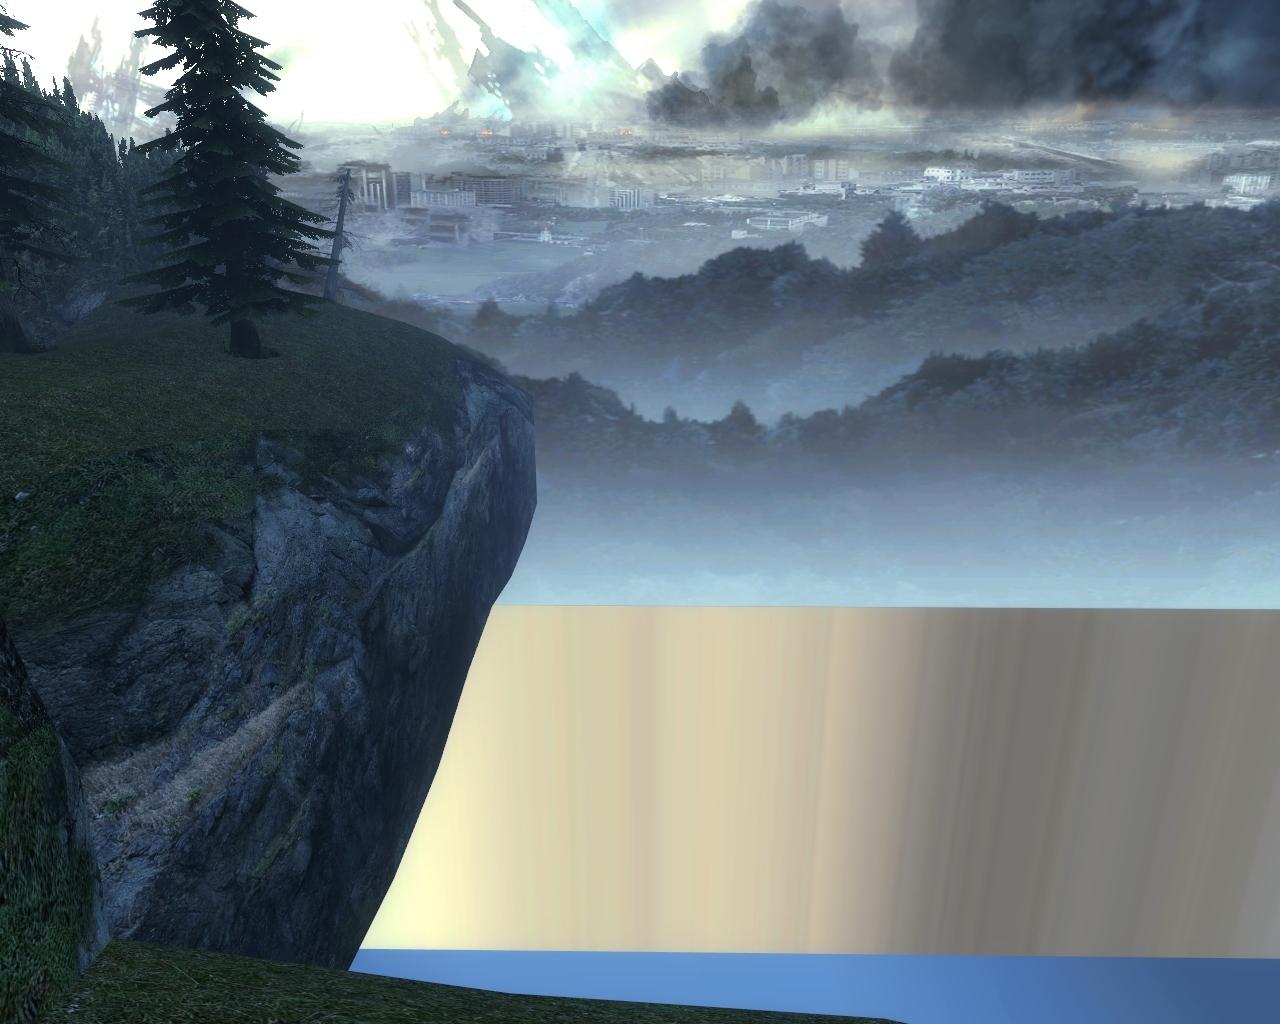 ep2_outland_010022.jpg - Half-Life 2